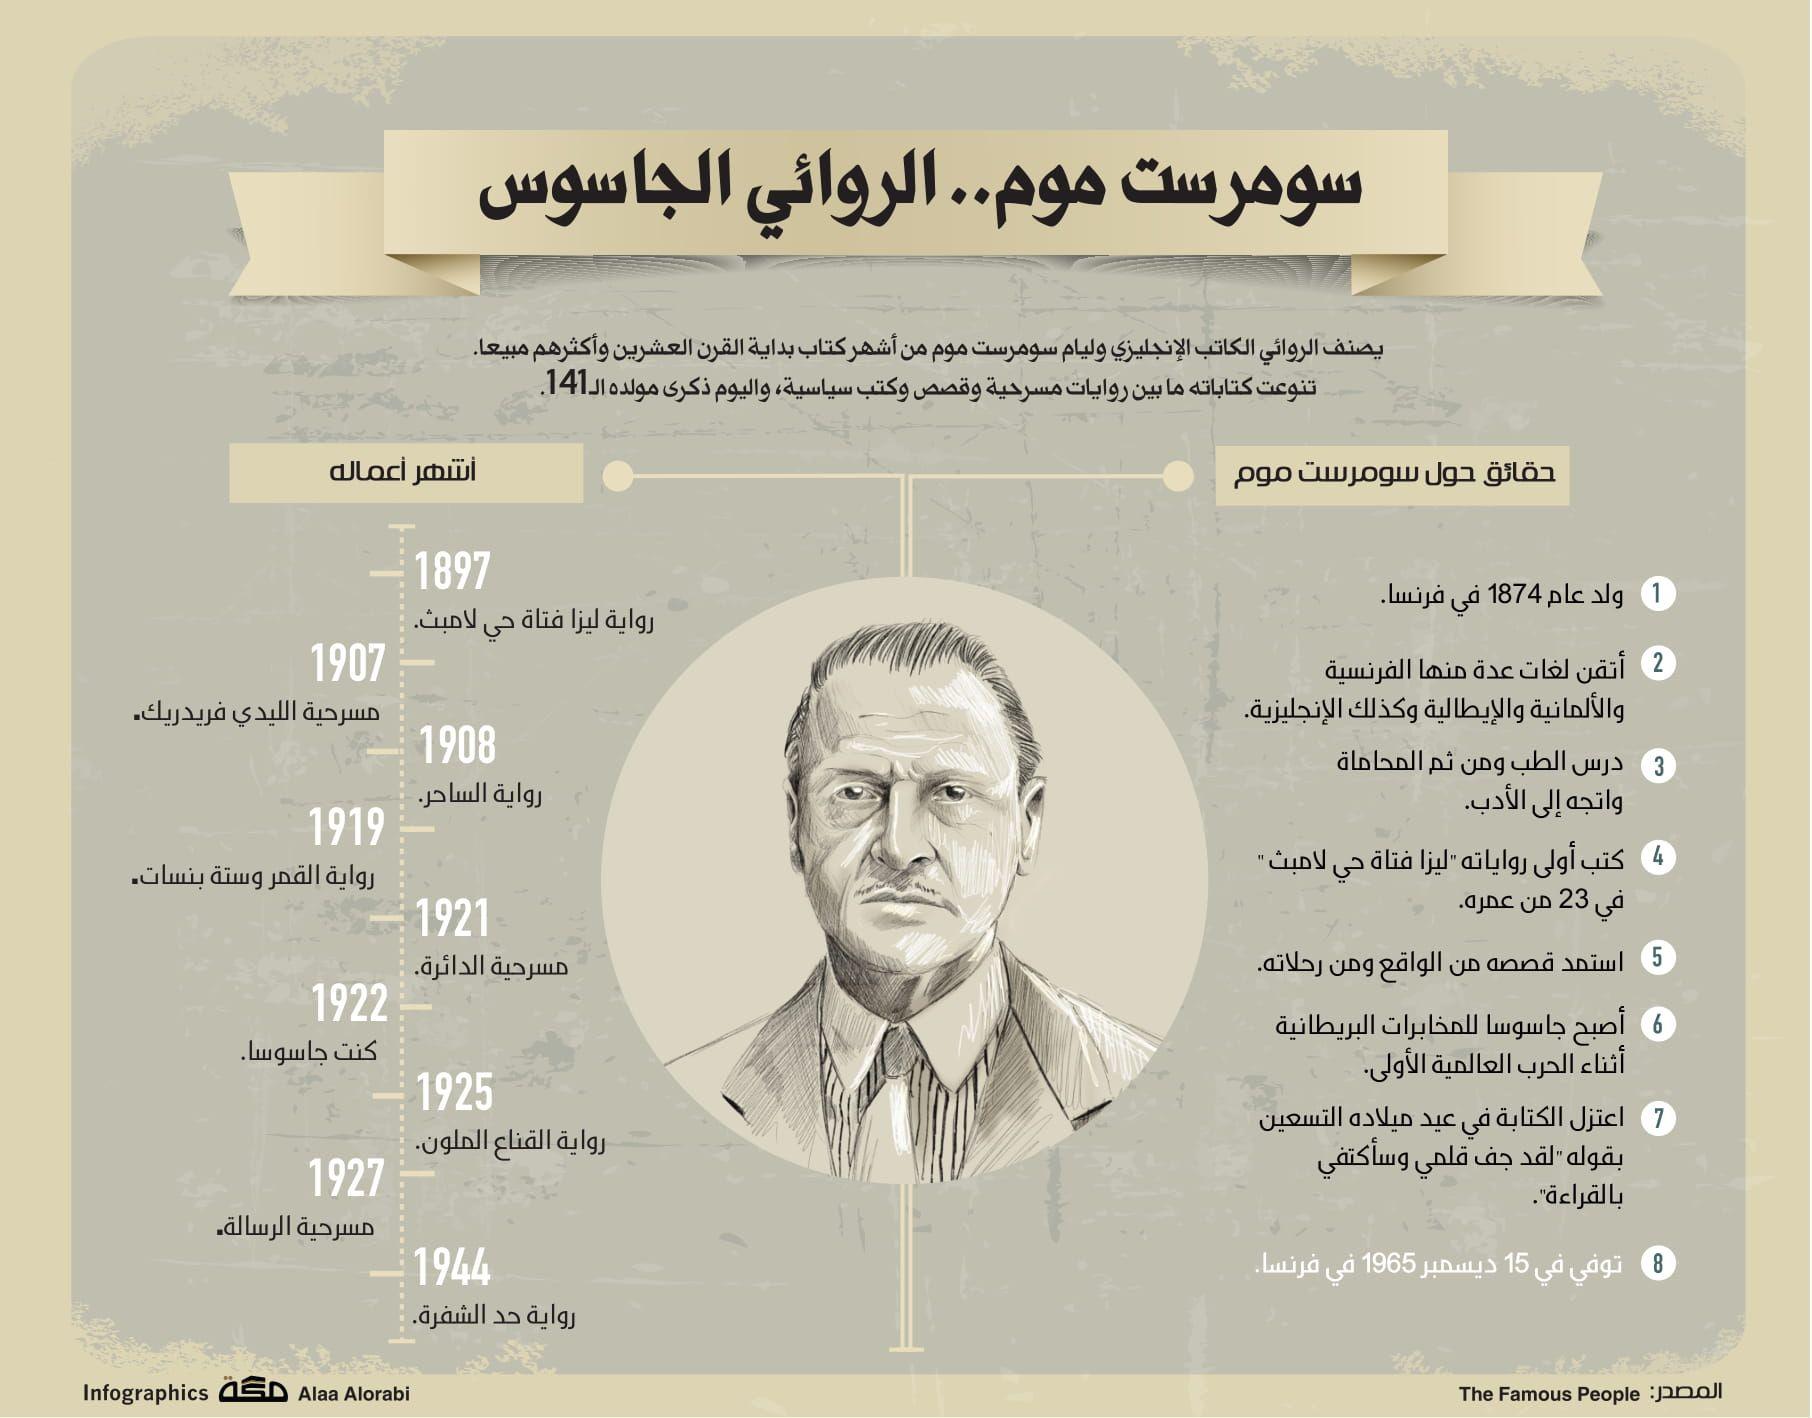 سومرست موم الروائي الجاسوس صحيفة مكة انفوجرافيك معلومات Lull Infographic Lol